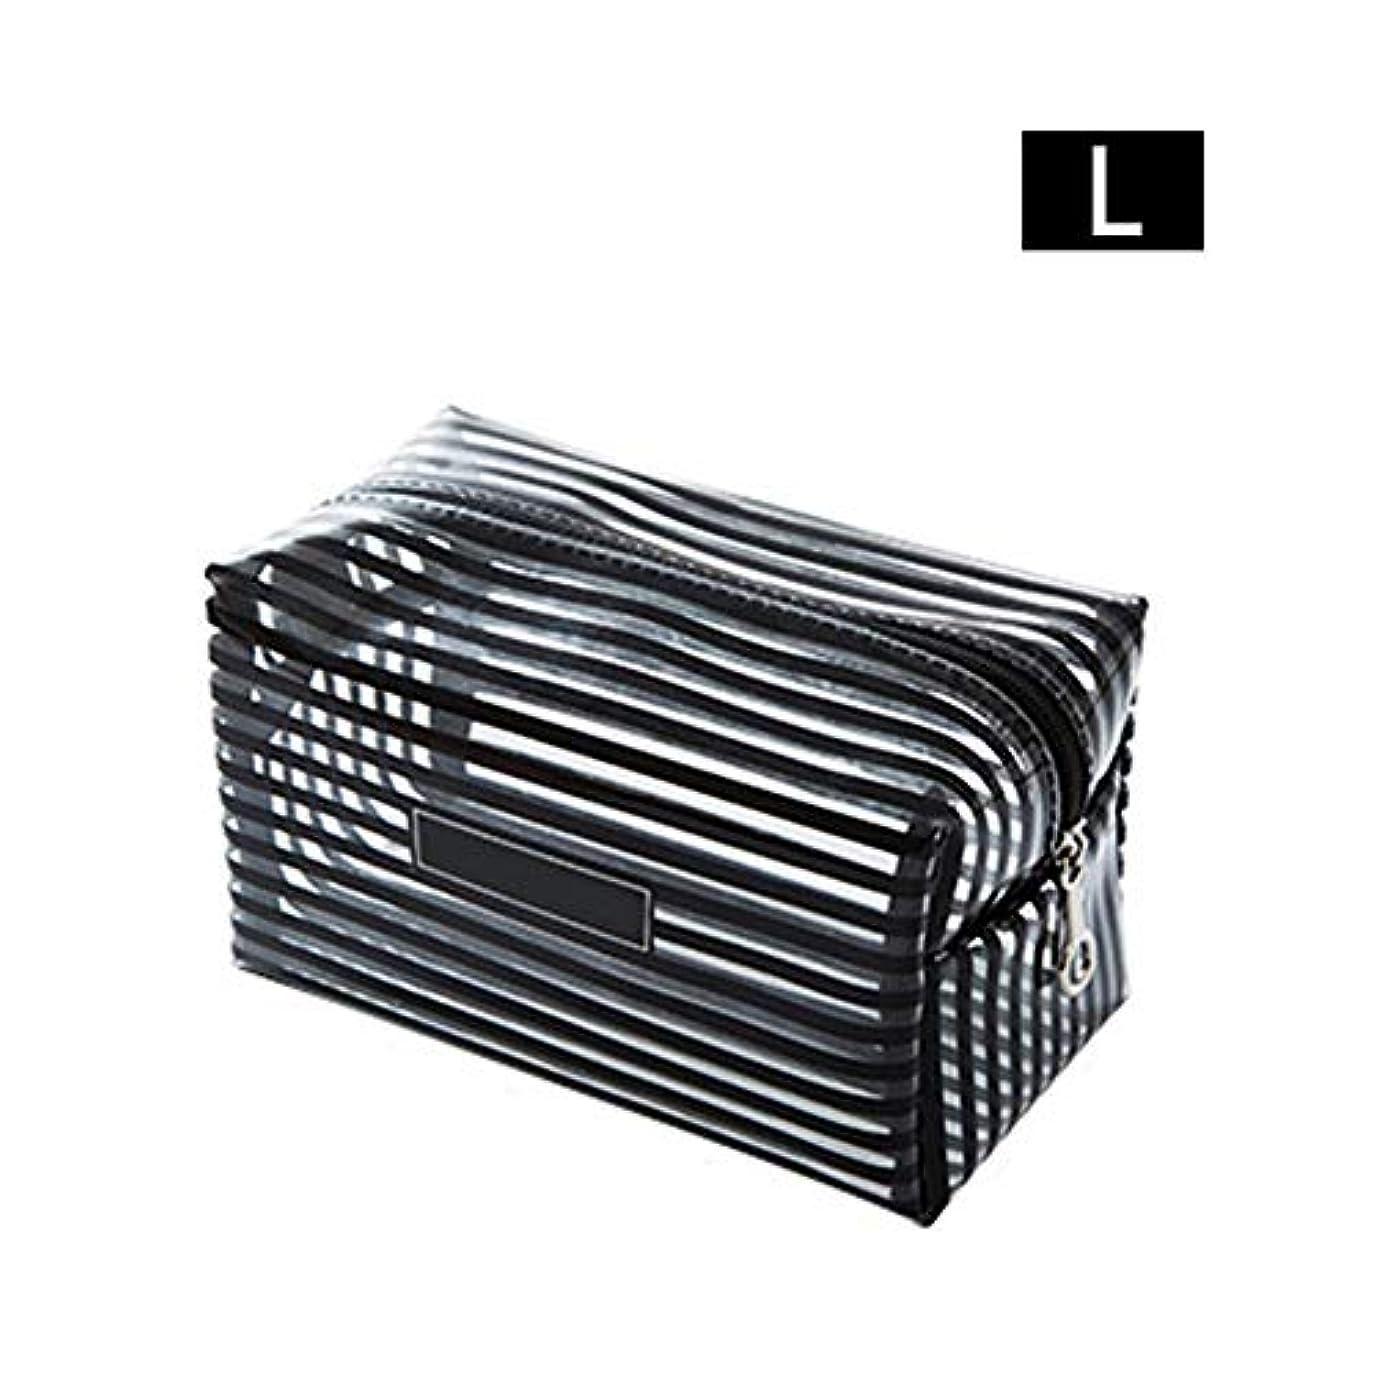 継承復活する分析的Ling(リンー) 透明化粧ポーチ おしゃれ メイクポーチ 収納ケース 化粧品収納 小物収納 耐久性 防水 PVC製